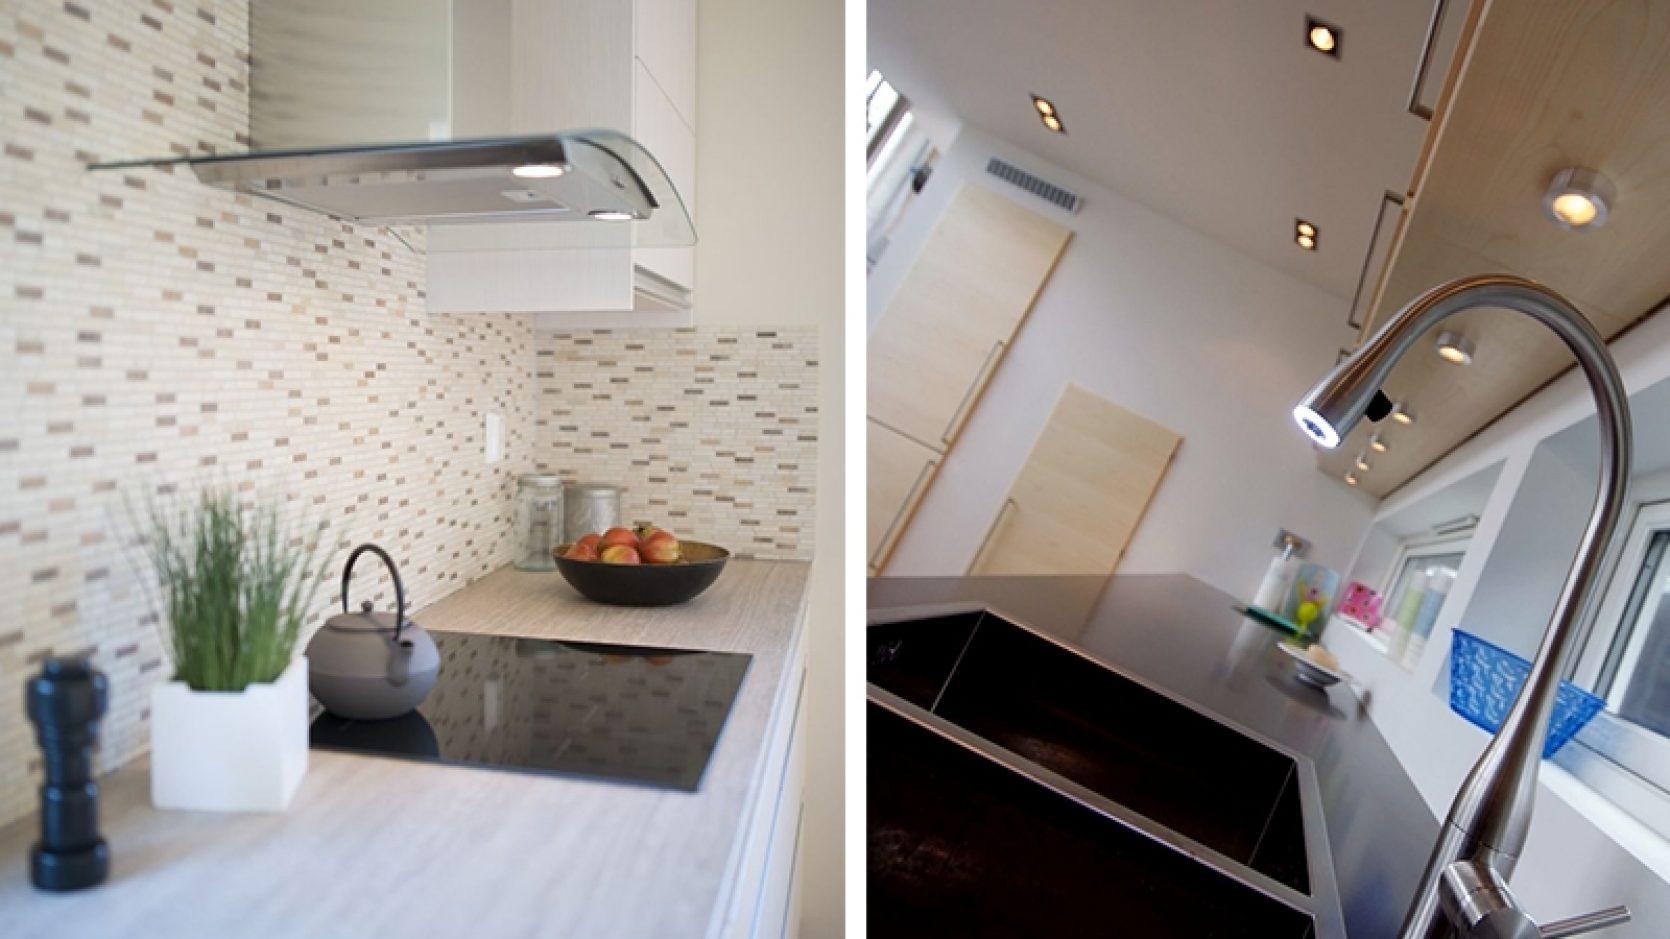 To bilder av kjøkken. Ett med fokus på benkplate og steketopp, det andre er skrått og av servant